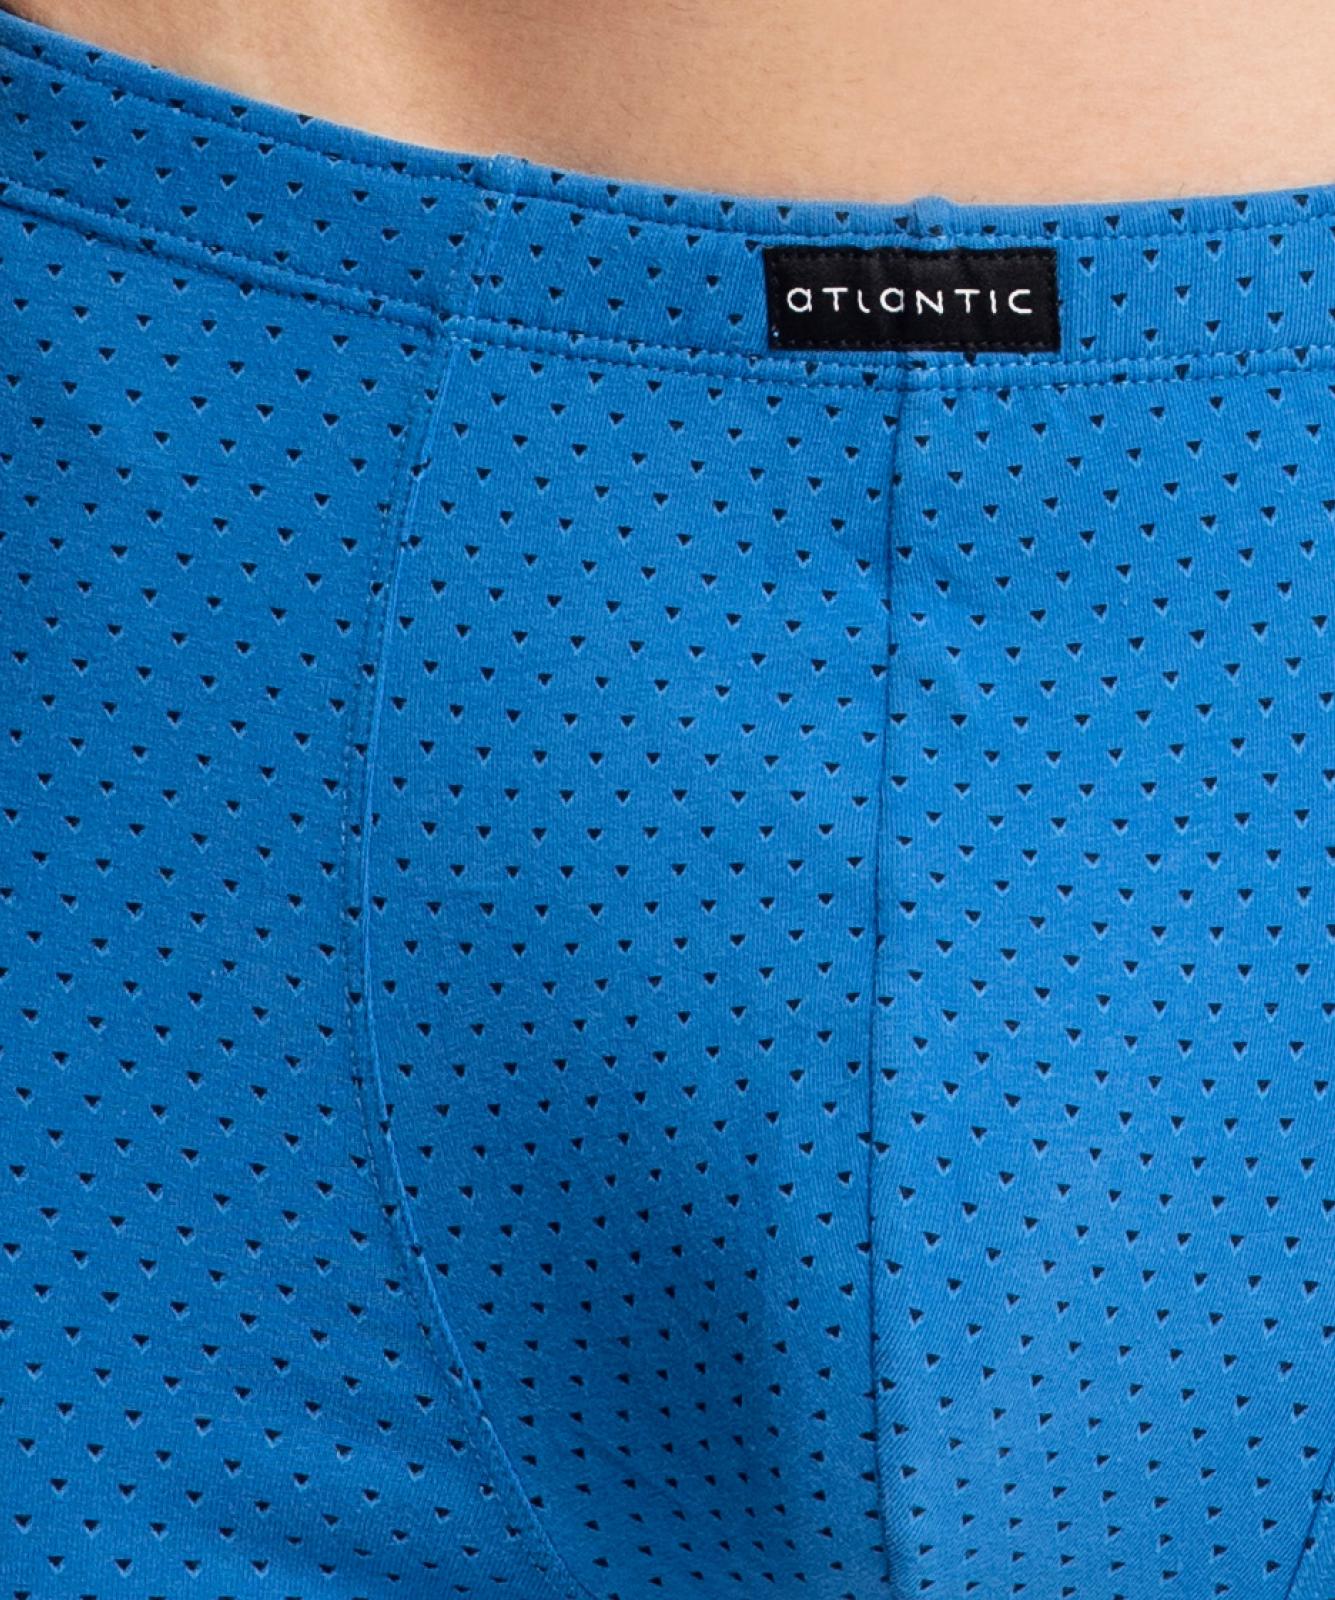 Мужские трусы шорты Atlantic, набор из 3 шт., хлопок, голубые + темно-синие + серые, 3MH-015